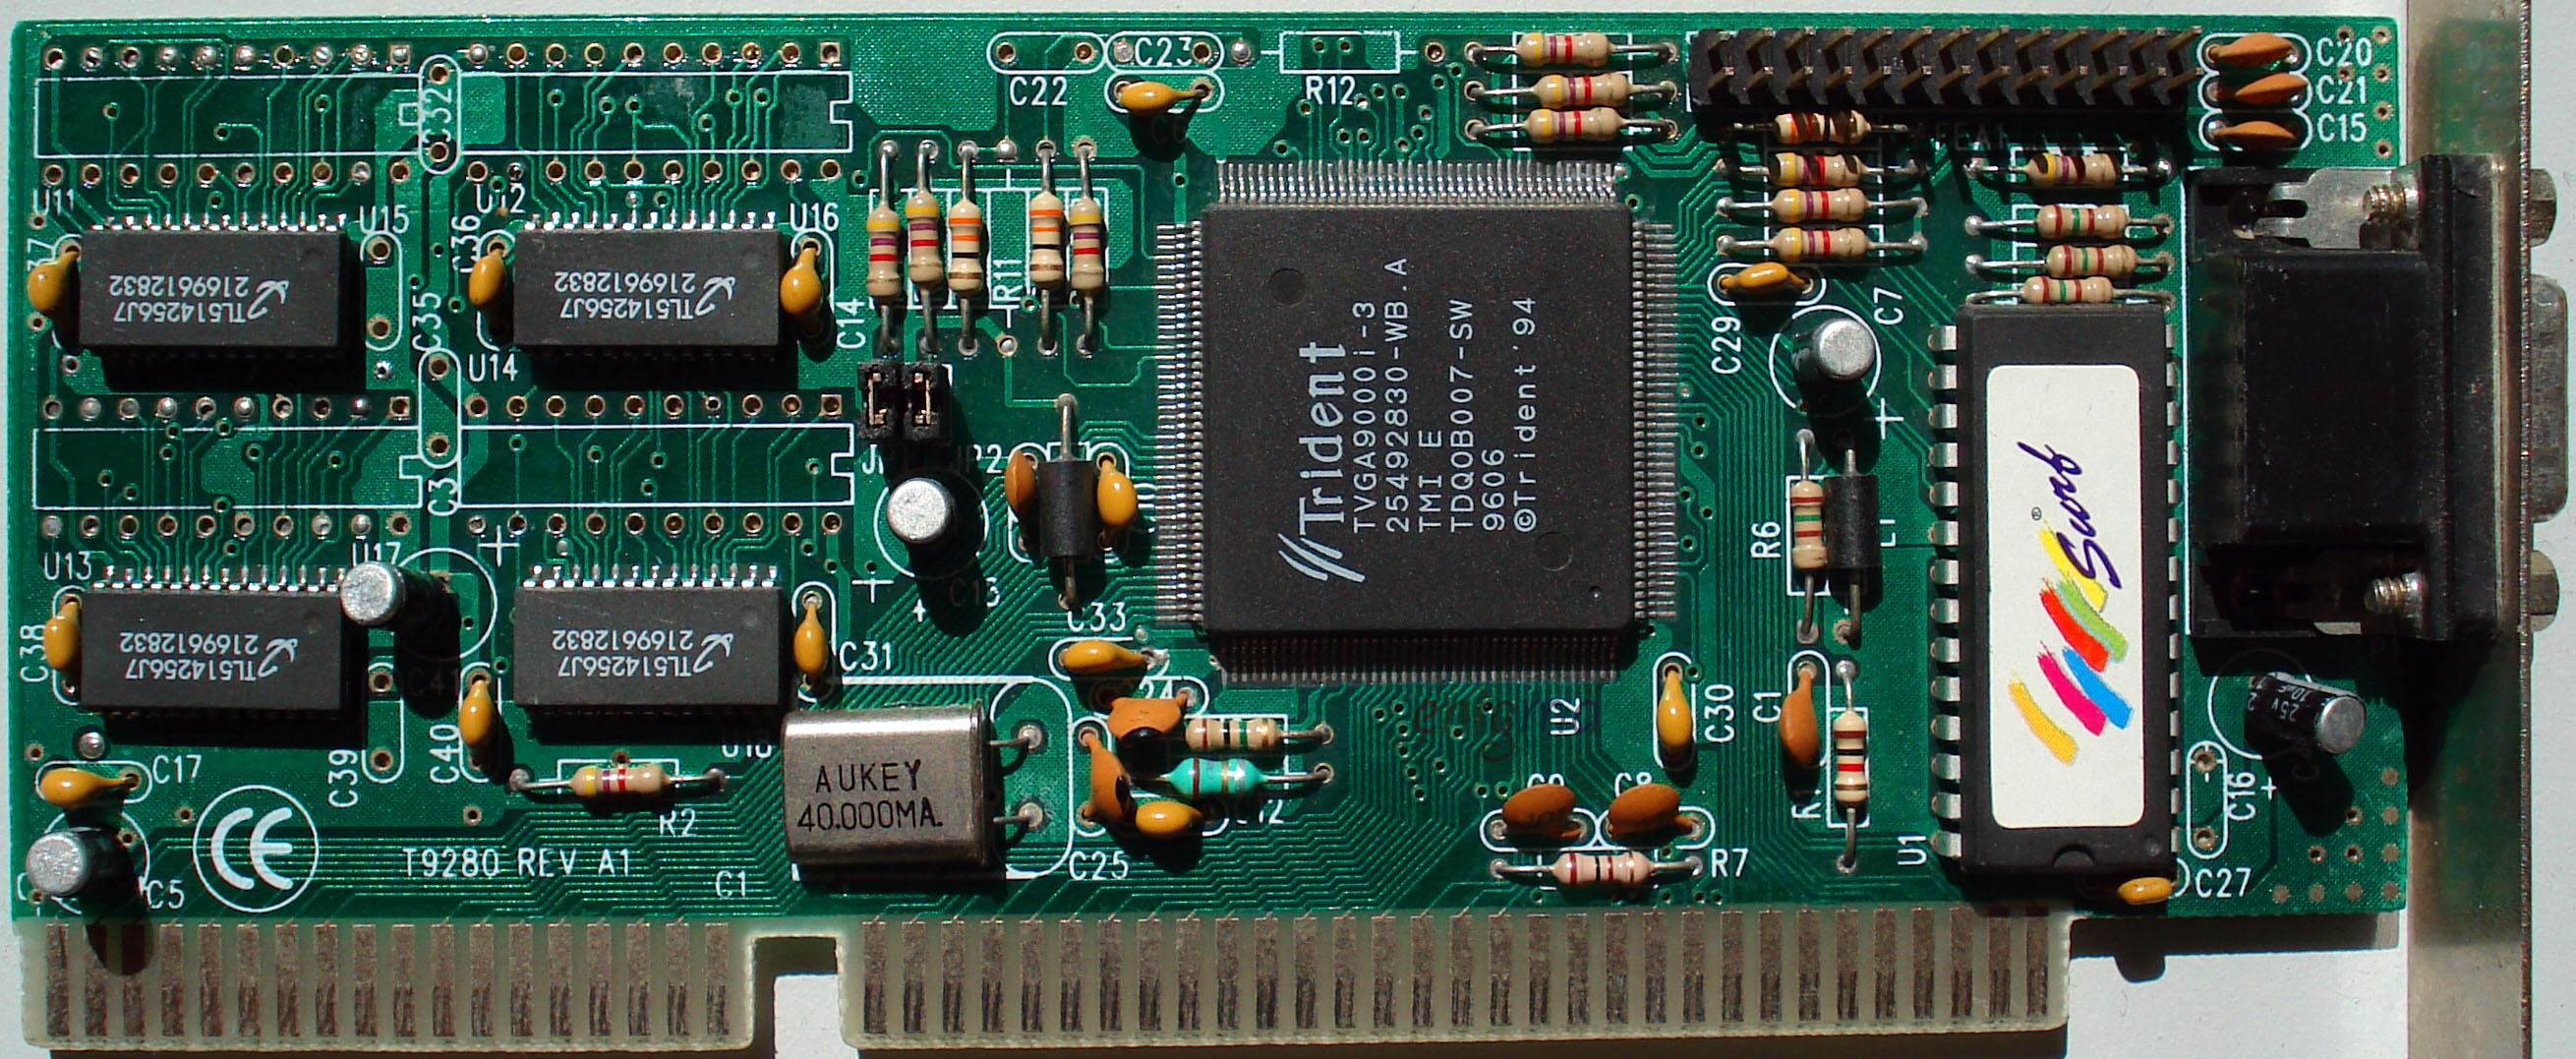 CIRRUS LOGIC CL-GD5446BV-HC-B PCI VIDEO CARD DRIVER